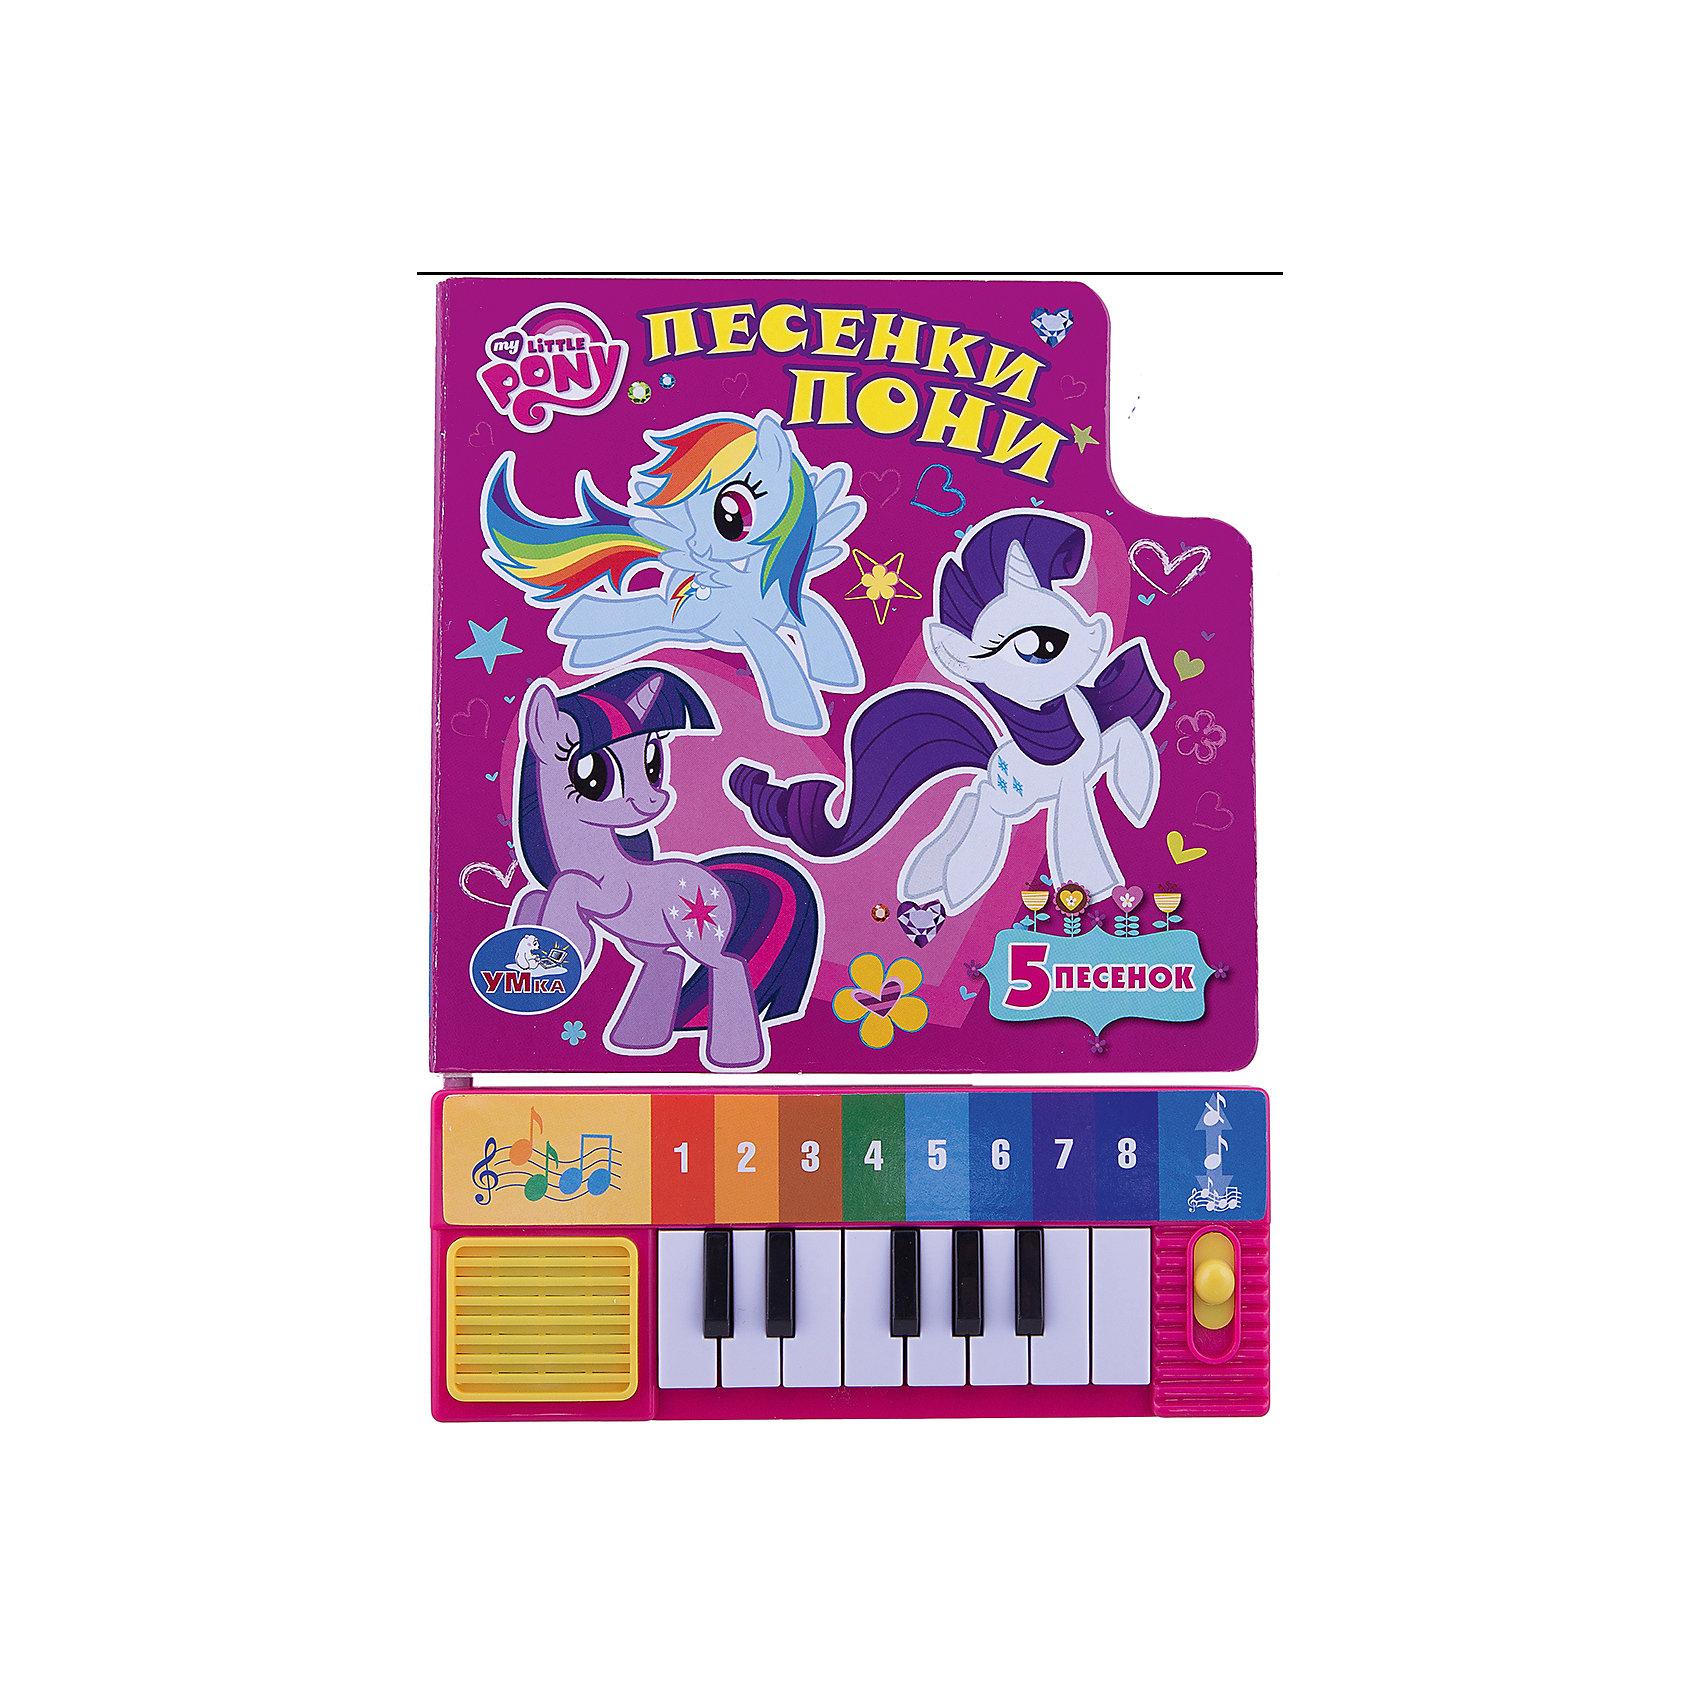 Книга-пианино Песенки пони, My little PonyПять любимых песенок из любимого мультика Мой маленький Пони не оставят равнодушным маленькую девочку, а картинки с очаровательными разноцветными лошадками-пони позабавят кроху занимательными сюжетами.<br>Модуль книги работает в двух режимах, позволяющих не только послушать песенки, но и поиграть на клавишах самому.<br><br>Дополнительная информация:<br><br>- Формат: 145 x 200 мм<br>- Страниц: 10<br>- Работает от батареек (демонстрационные в комплекте)<br>- Автор: Мартынова Я.<br>- Редактор: Кристина Хомякова<br><br>Книгу-пианино Песенки пони (8 клавиш и песен), My little Pony (Моя маленькая Пони) можно купить в нашем магазине.<br><br>Ширина мм: 150<br>Глубина мм: 200<br>Высота мм: 20<br>Вес г: 300<br>Возраст от месяцев: 12<br>Возраст до месяцев: 60<br>Пол: Женский<br>Возраст: Детский<br>SKU: 3763684